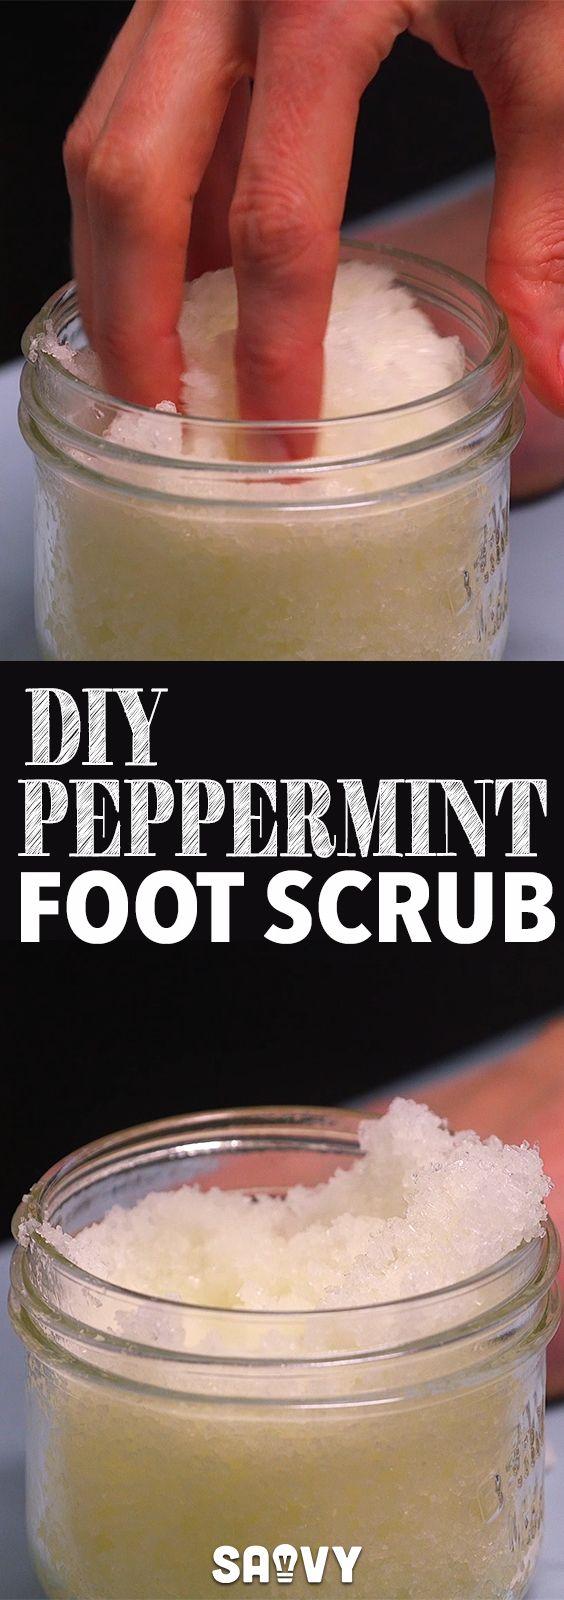 DIY Peppermint Foot Scrub